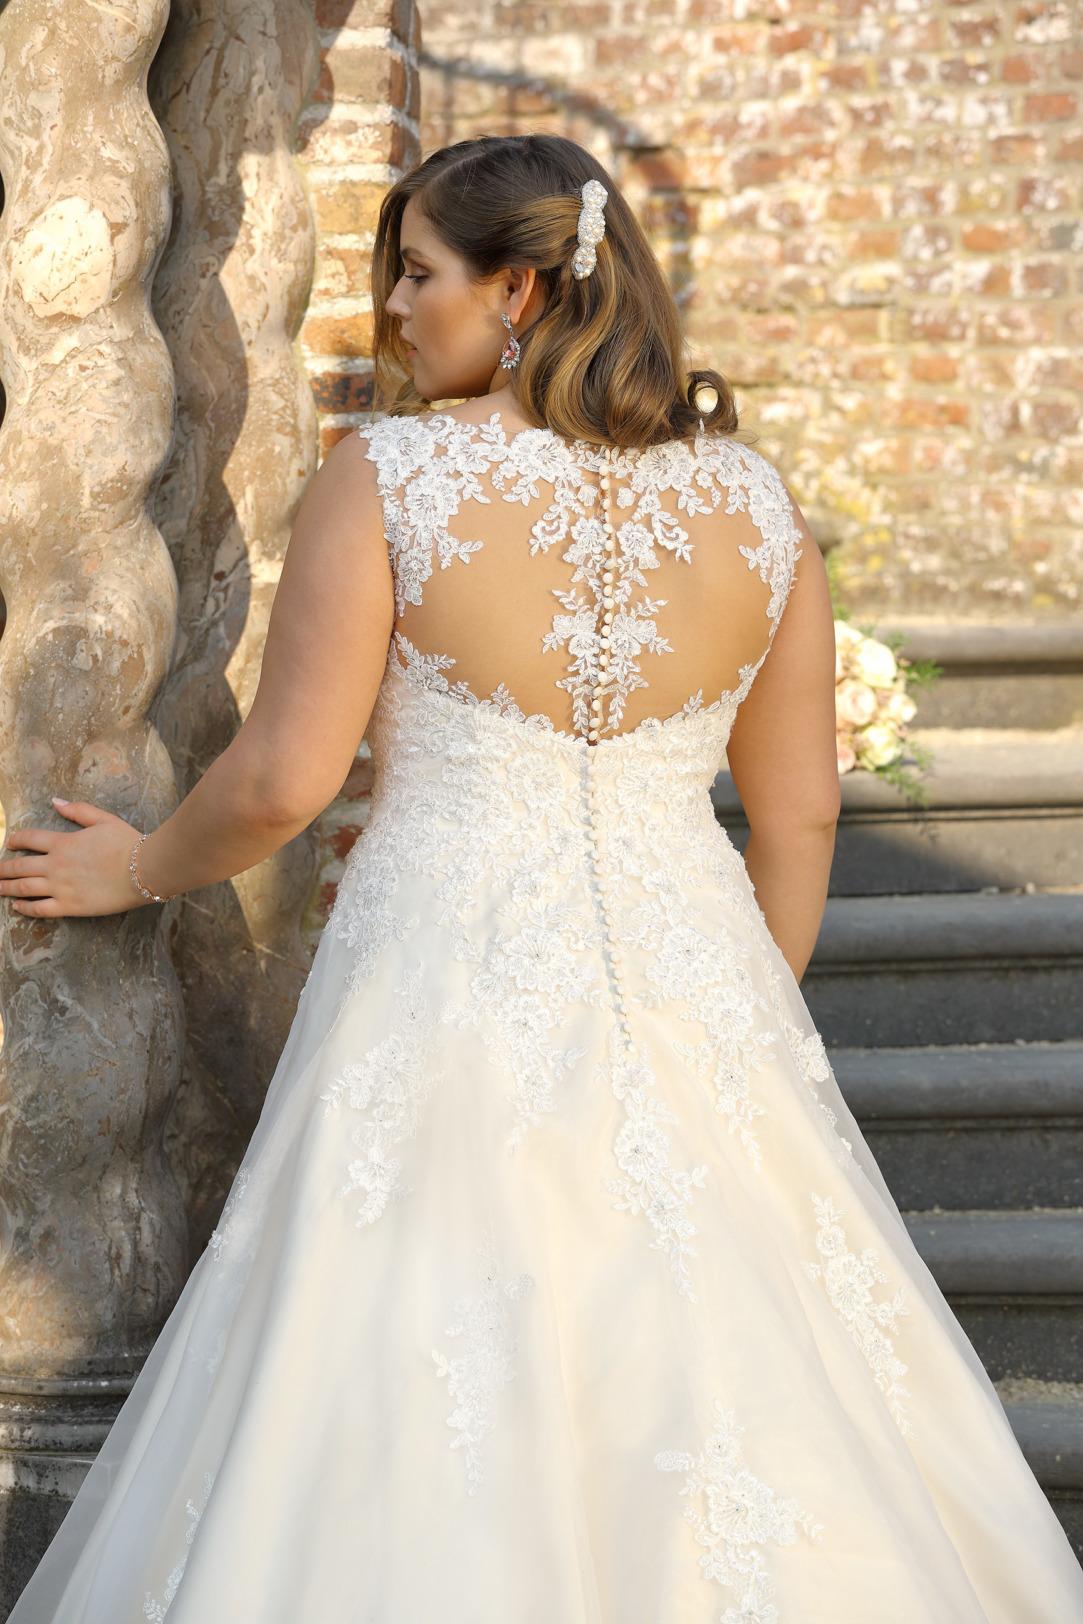 Brautkleider Hochzeitskleider Mode A Linie mit V Ausschnitt Ladybird grosse Grösse plus size Tatoo Spitze Rock mit Schleppe Rückenansicht